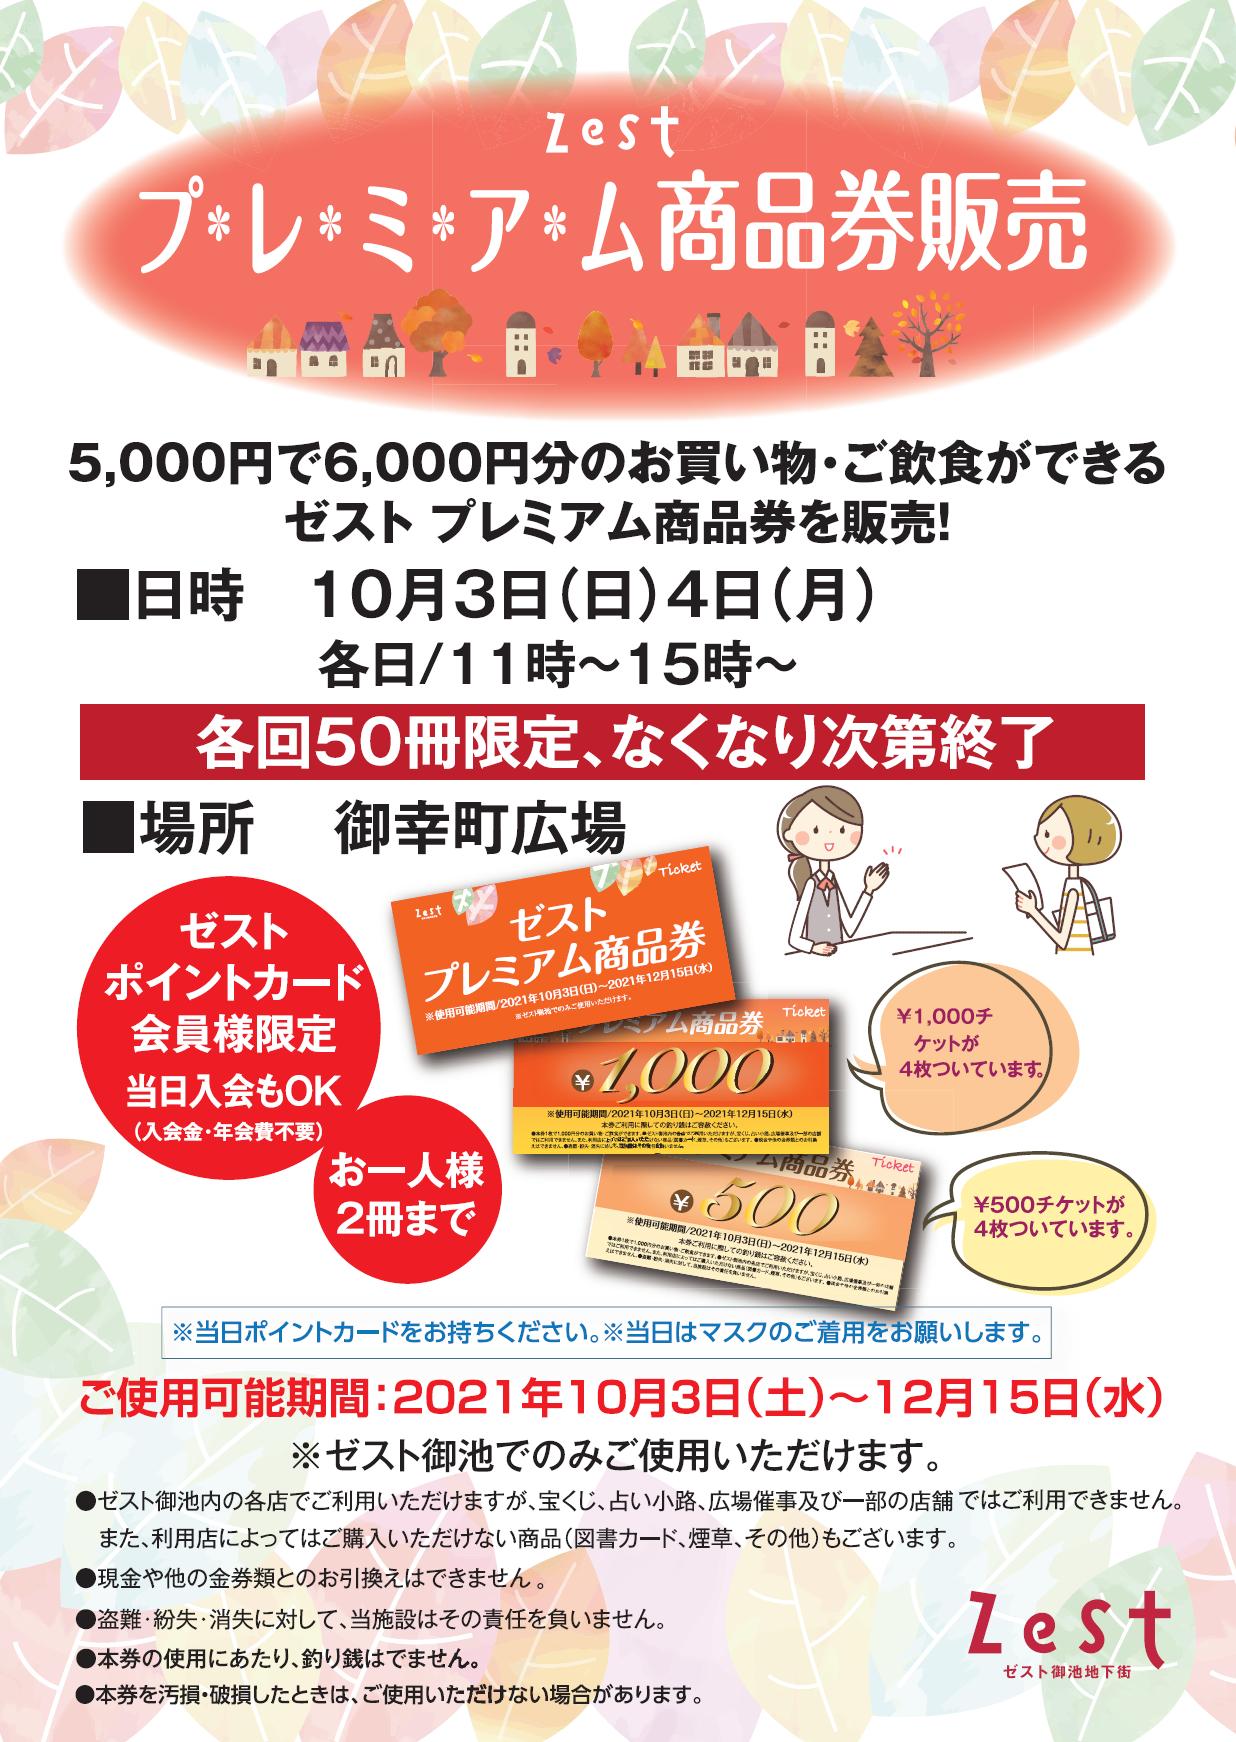 10月3日(日)4日(月) ゼストプレミアム商品券を販売致します。